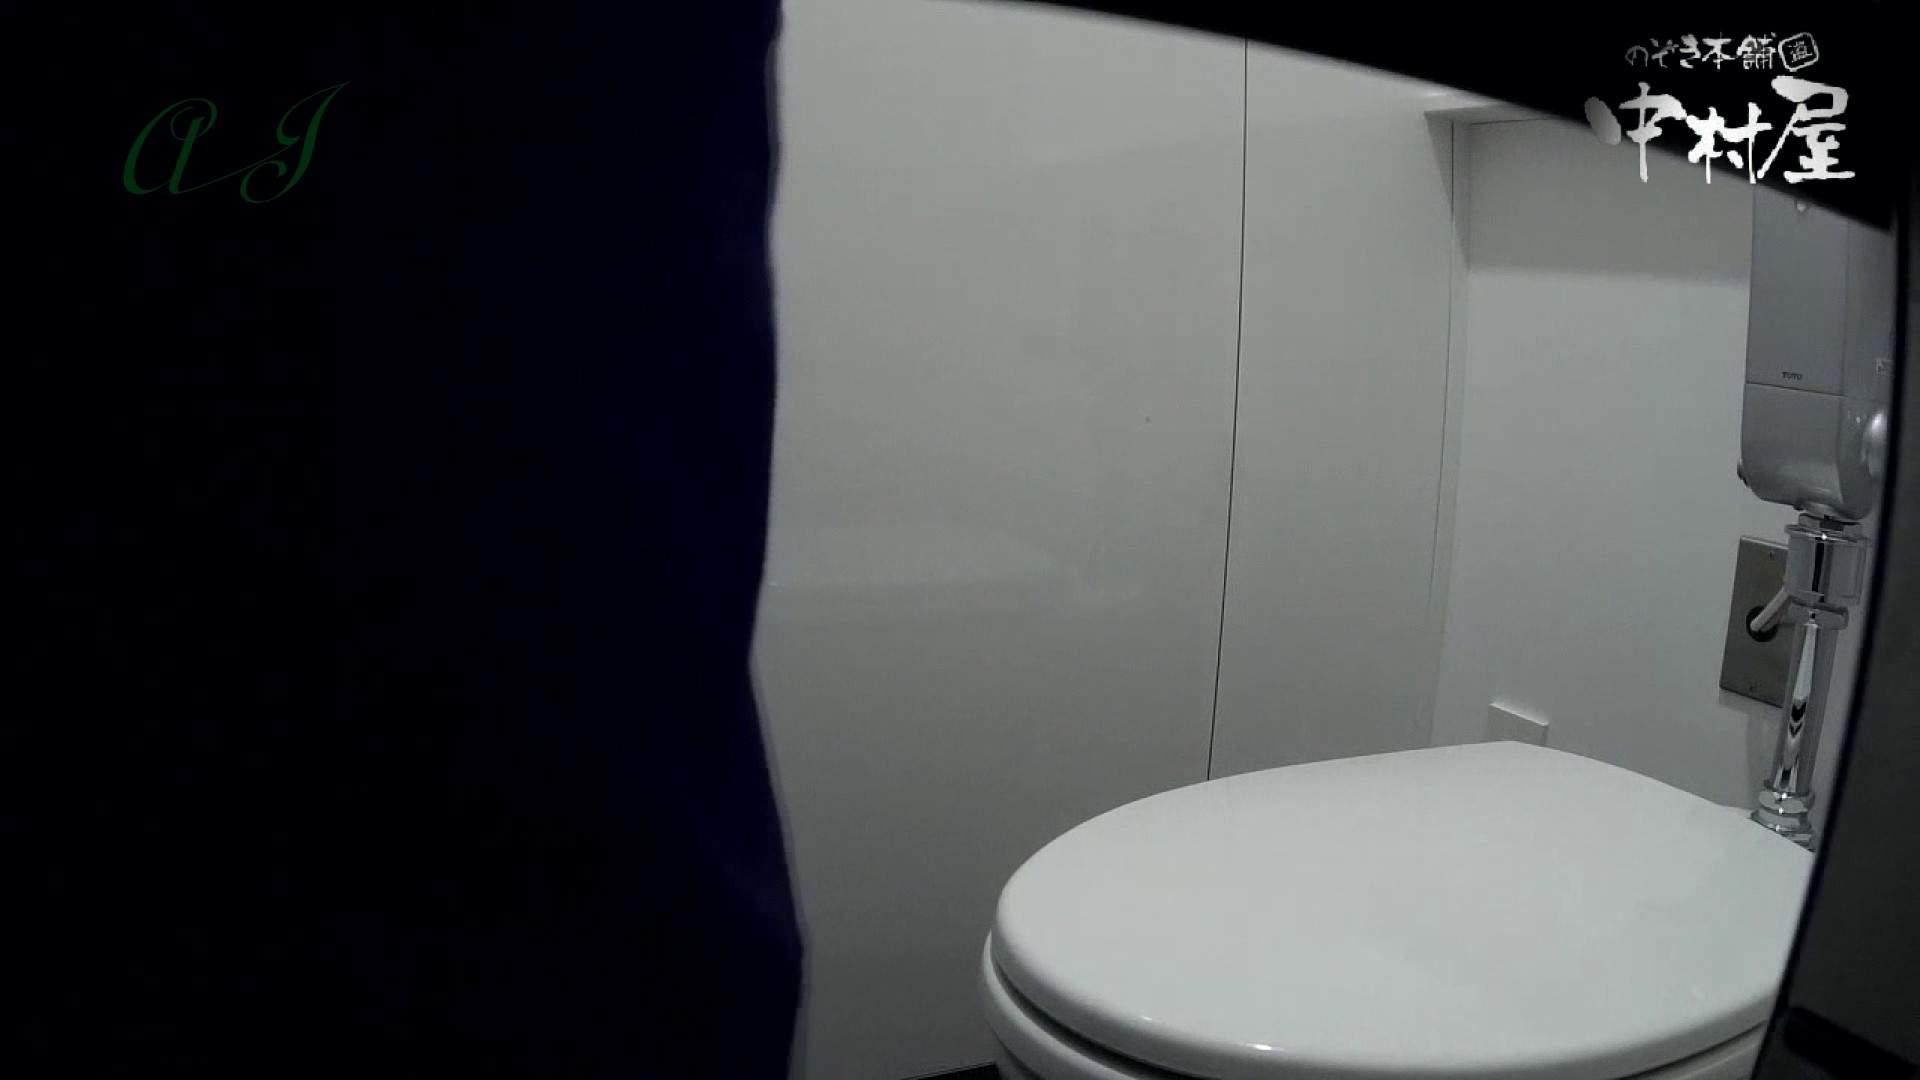 有名大学女性洗面所 vol.60 設置の神です。 投稿 オマンコ動画キャプチャ 64連発 3